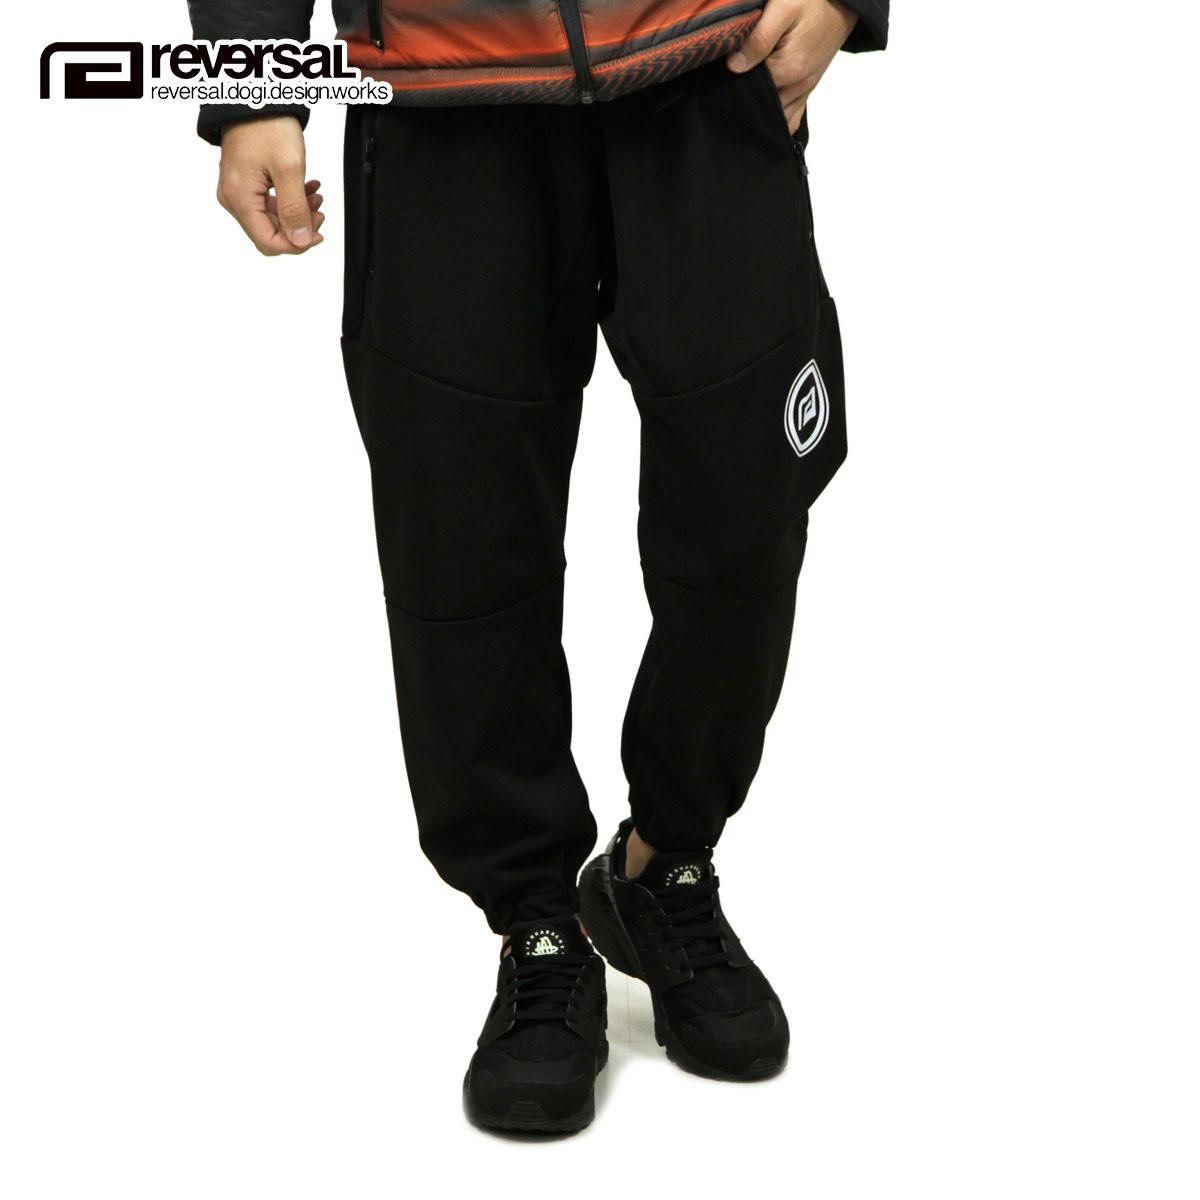 リバーサル REVERSAL 正規販売店 メンズ ジョガーパンツ BLACK BELT JOGGER PANTS rv18aw021 BLACK